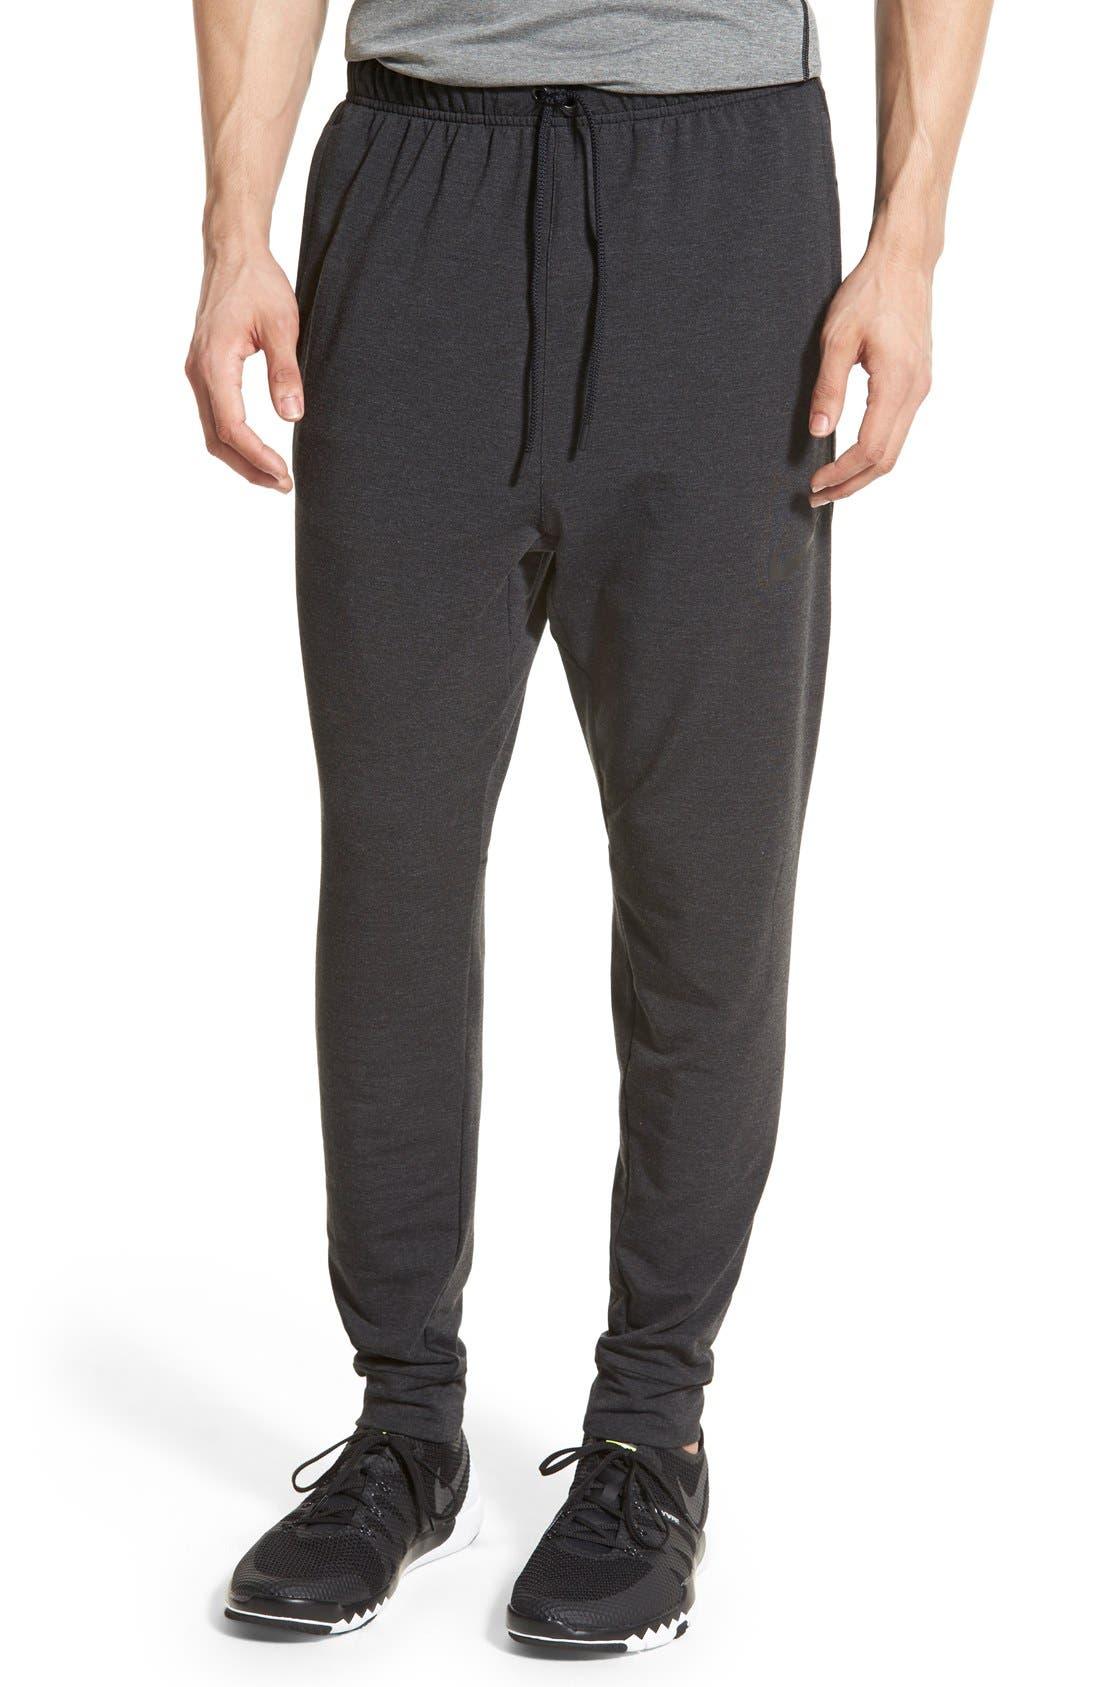 Dri-FIT Fleece Training Pants,                             Main thumbnail 1, color,                             Black/ Black